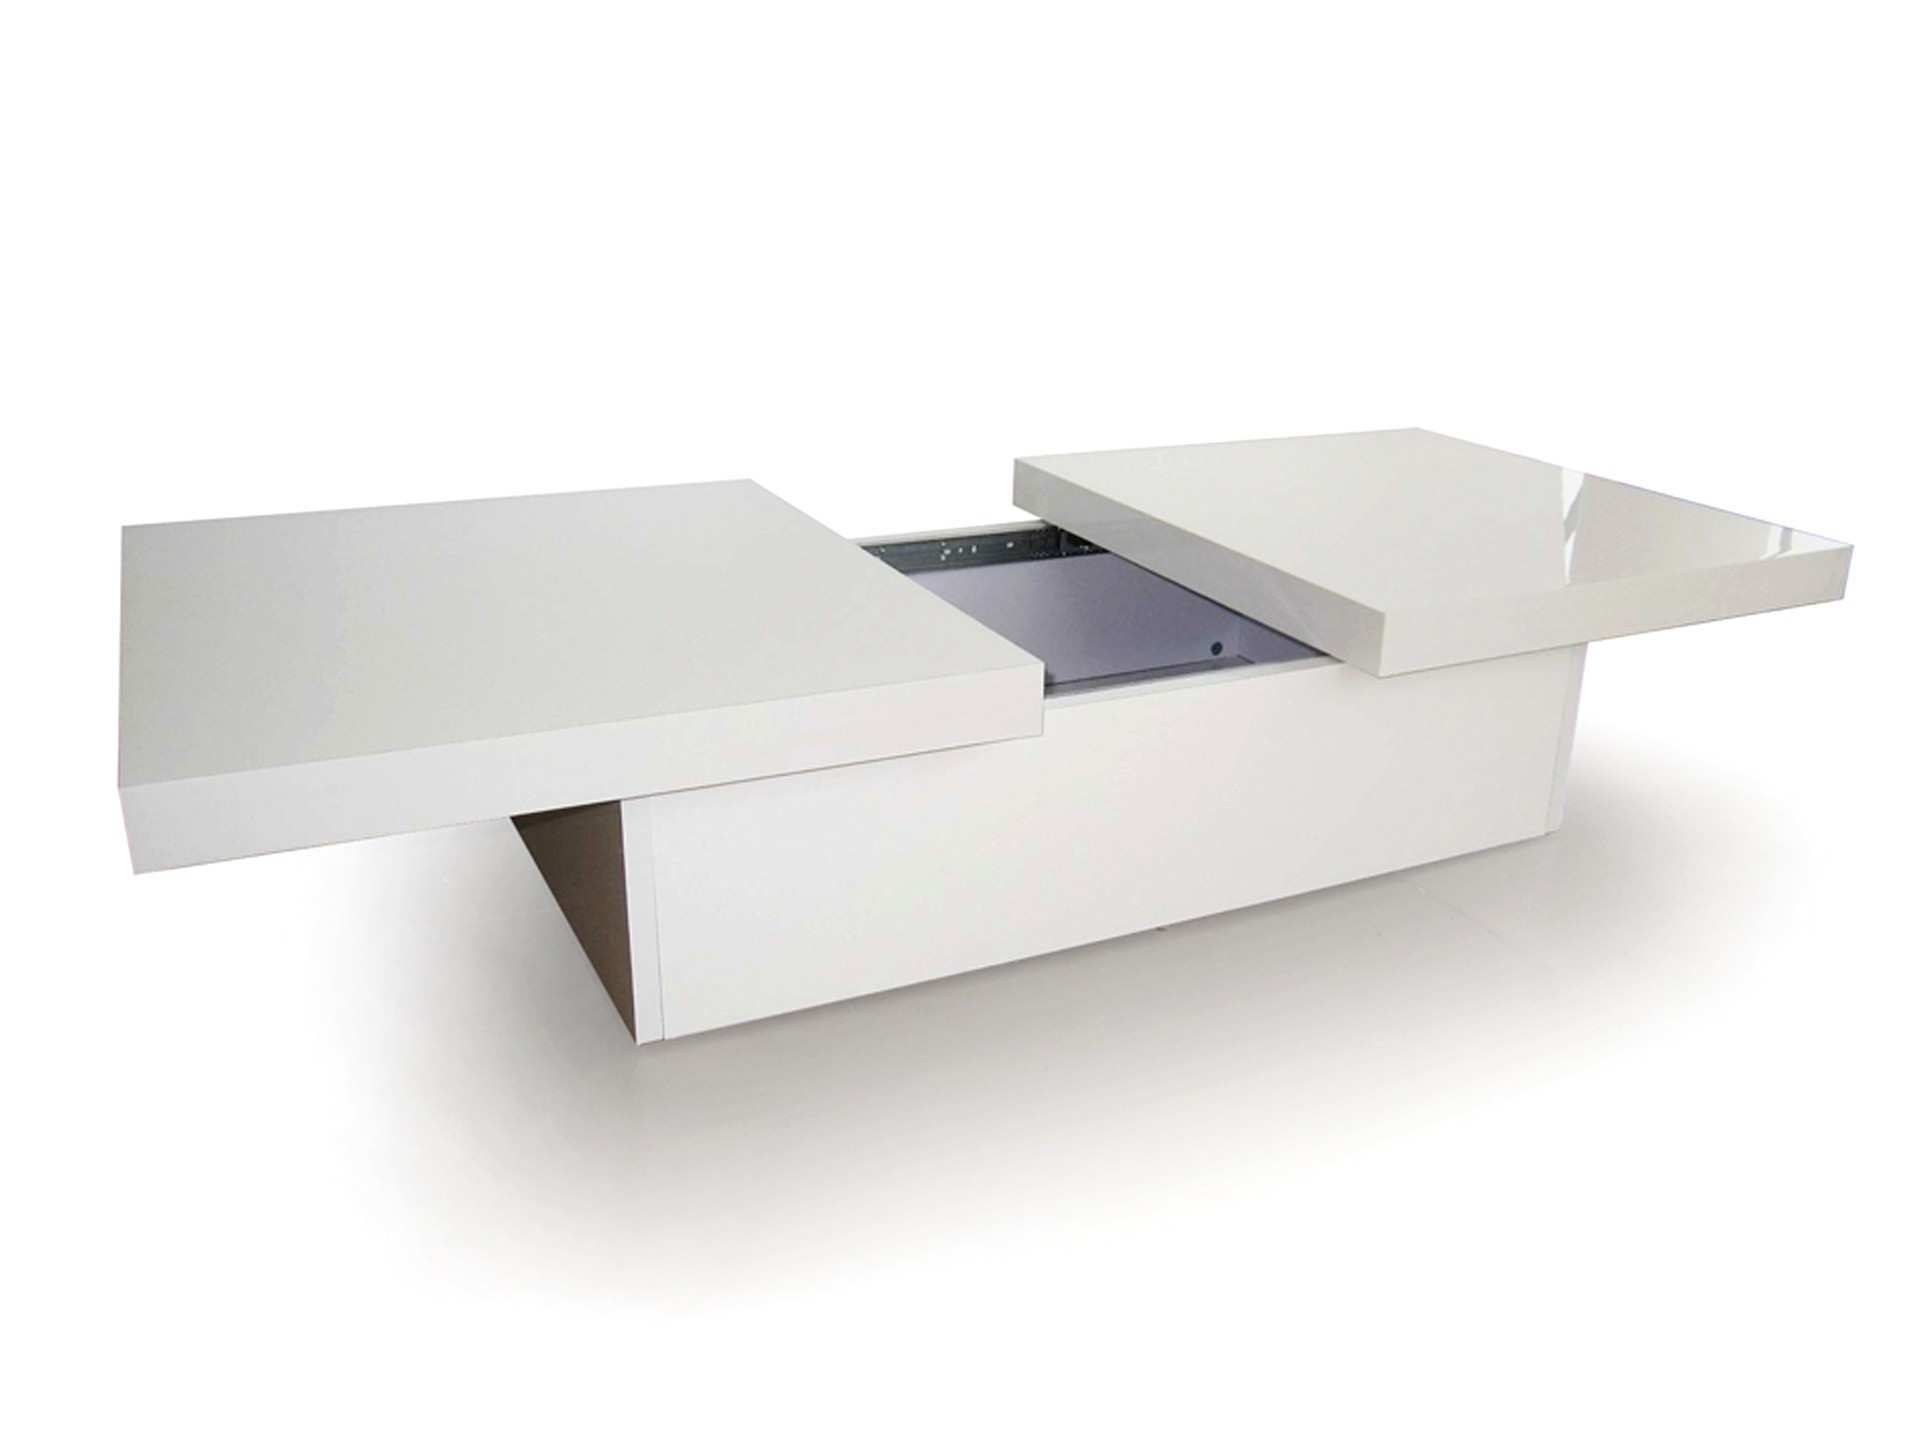 Table basse astucia conforama - emberizaone.fr